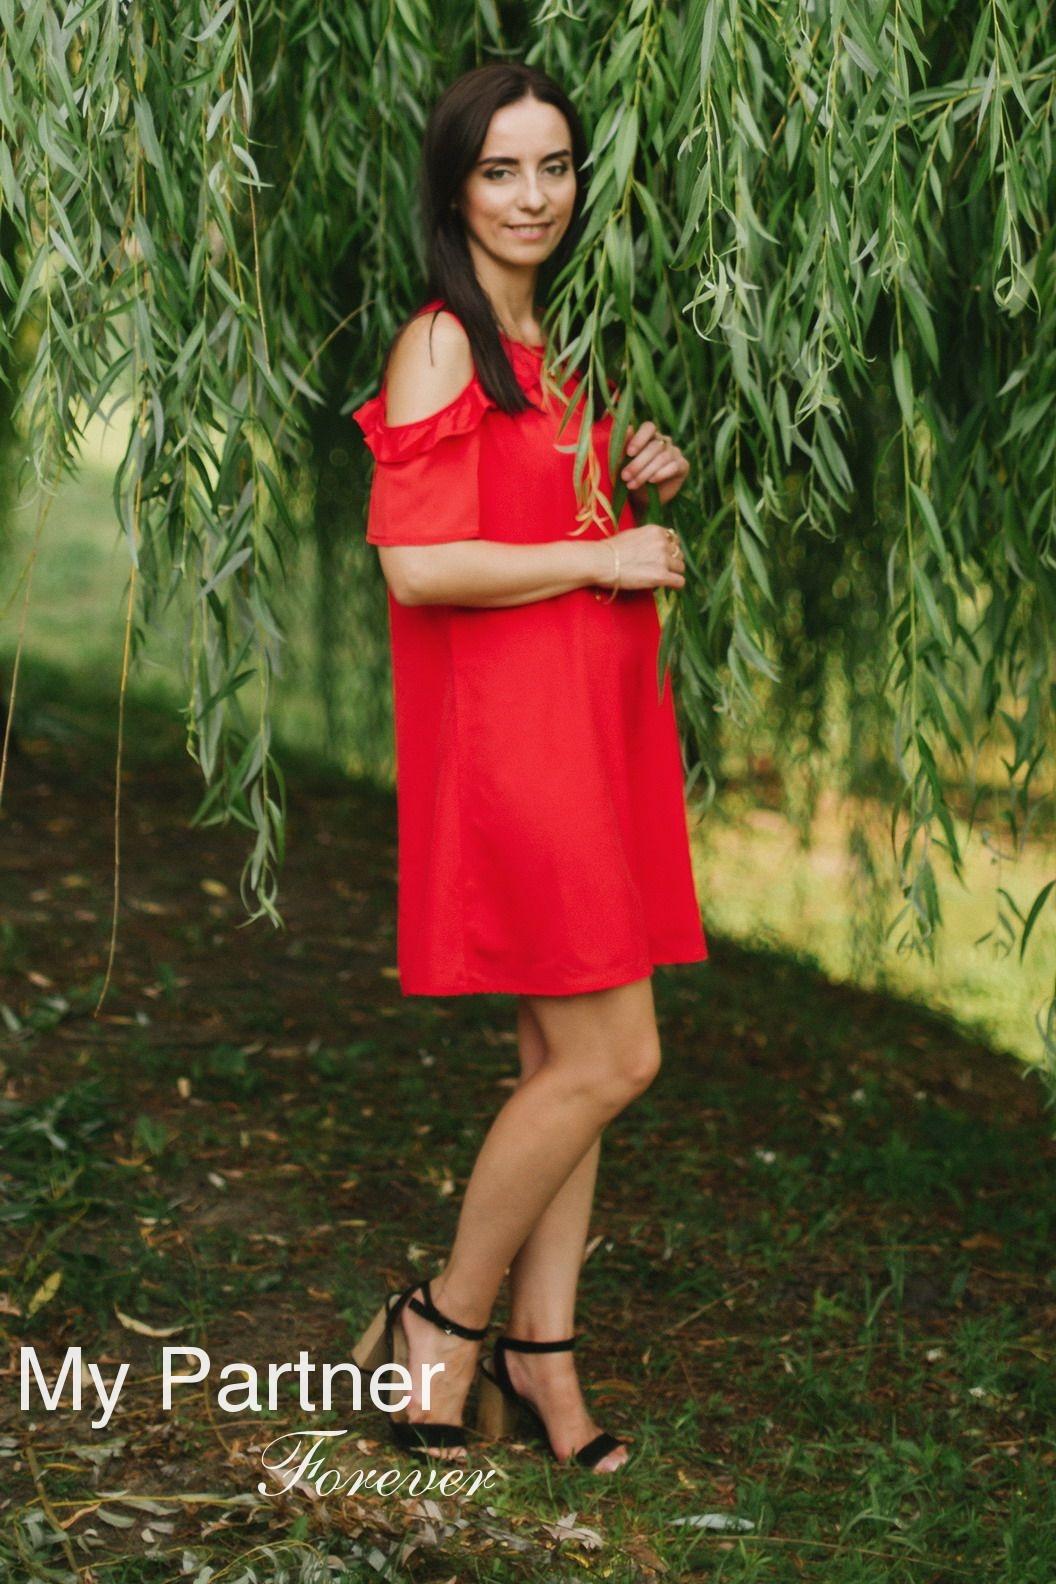 Pretty Bride from Belarus - Diana from Brest, Belarus